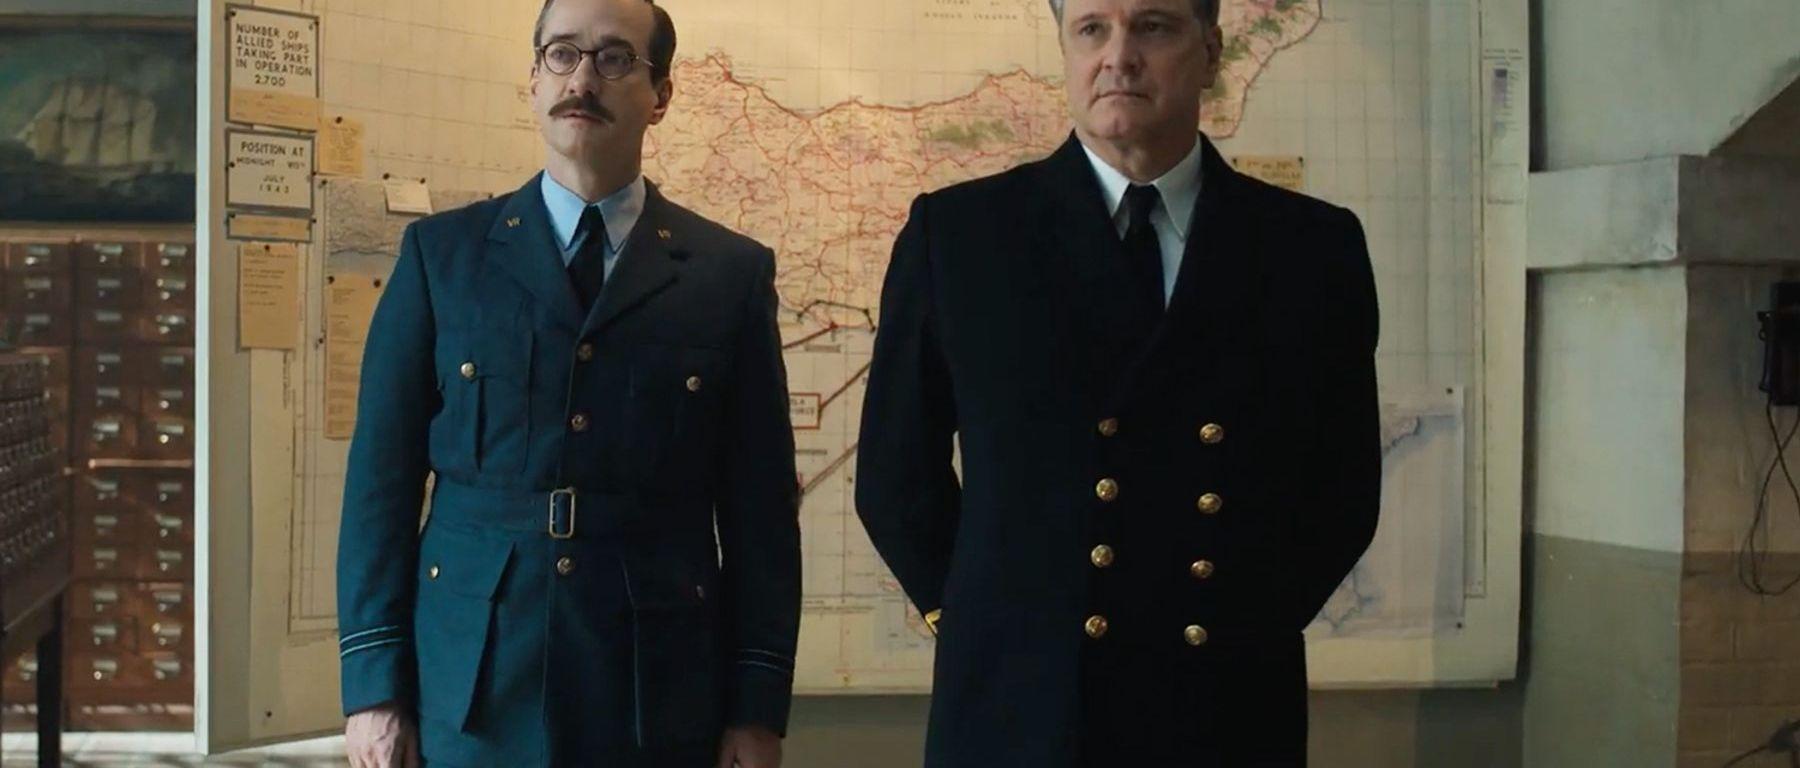 Vezi complotul împotriva lui Hitler din trailerul filmului Operation Mincemeat